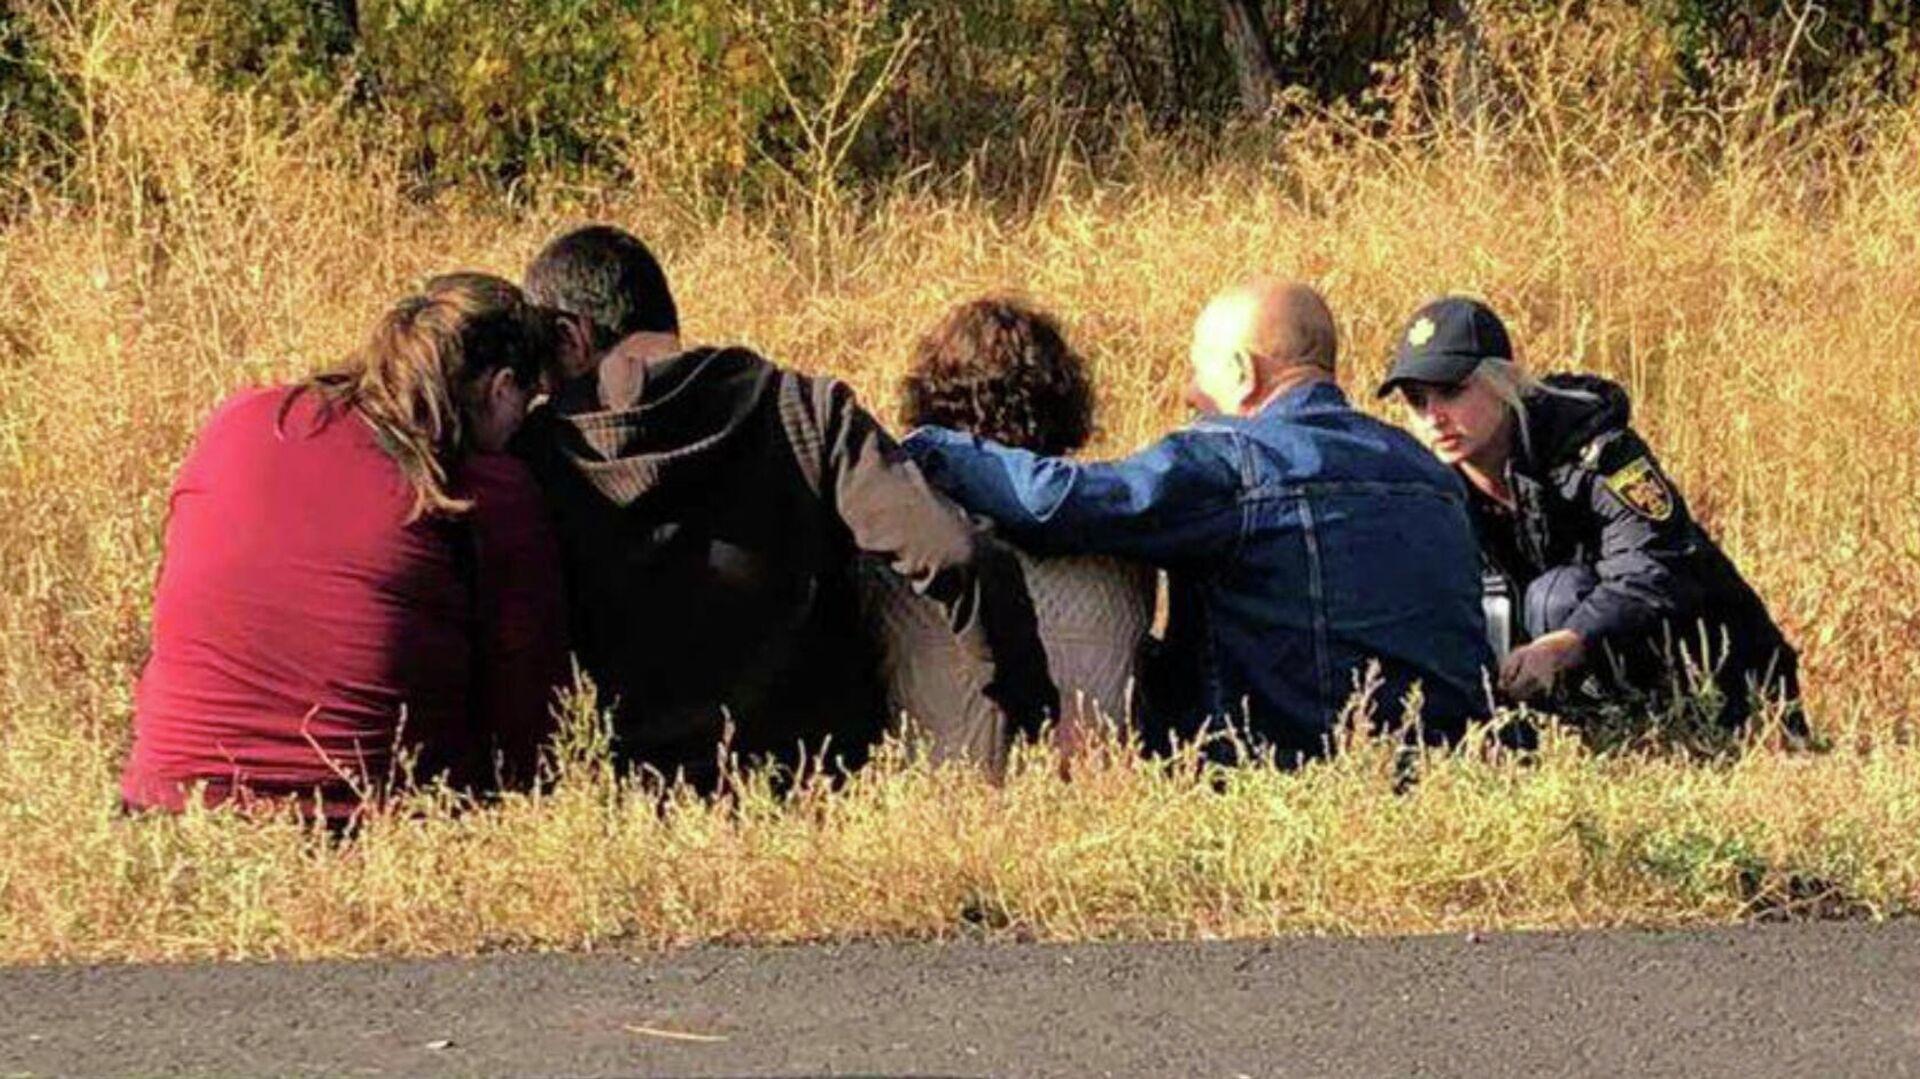 Родственники погибших на месте крушения военно-транспортного самолета Ан-26 ВВС Украины под Харьковом - РИА Новости, 1920, 26.09.2020